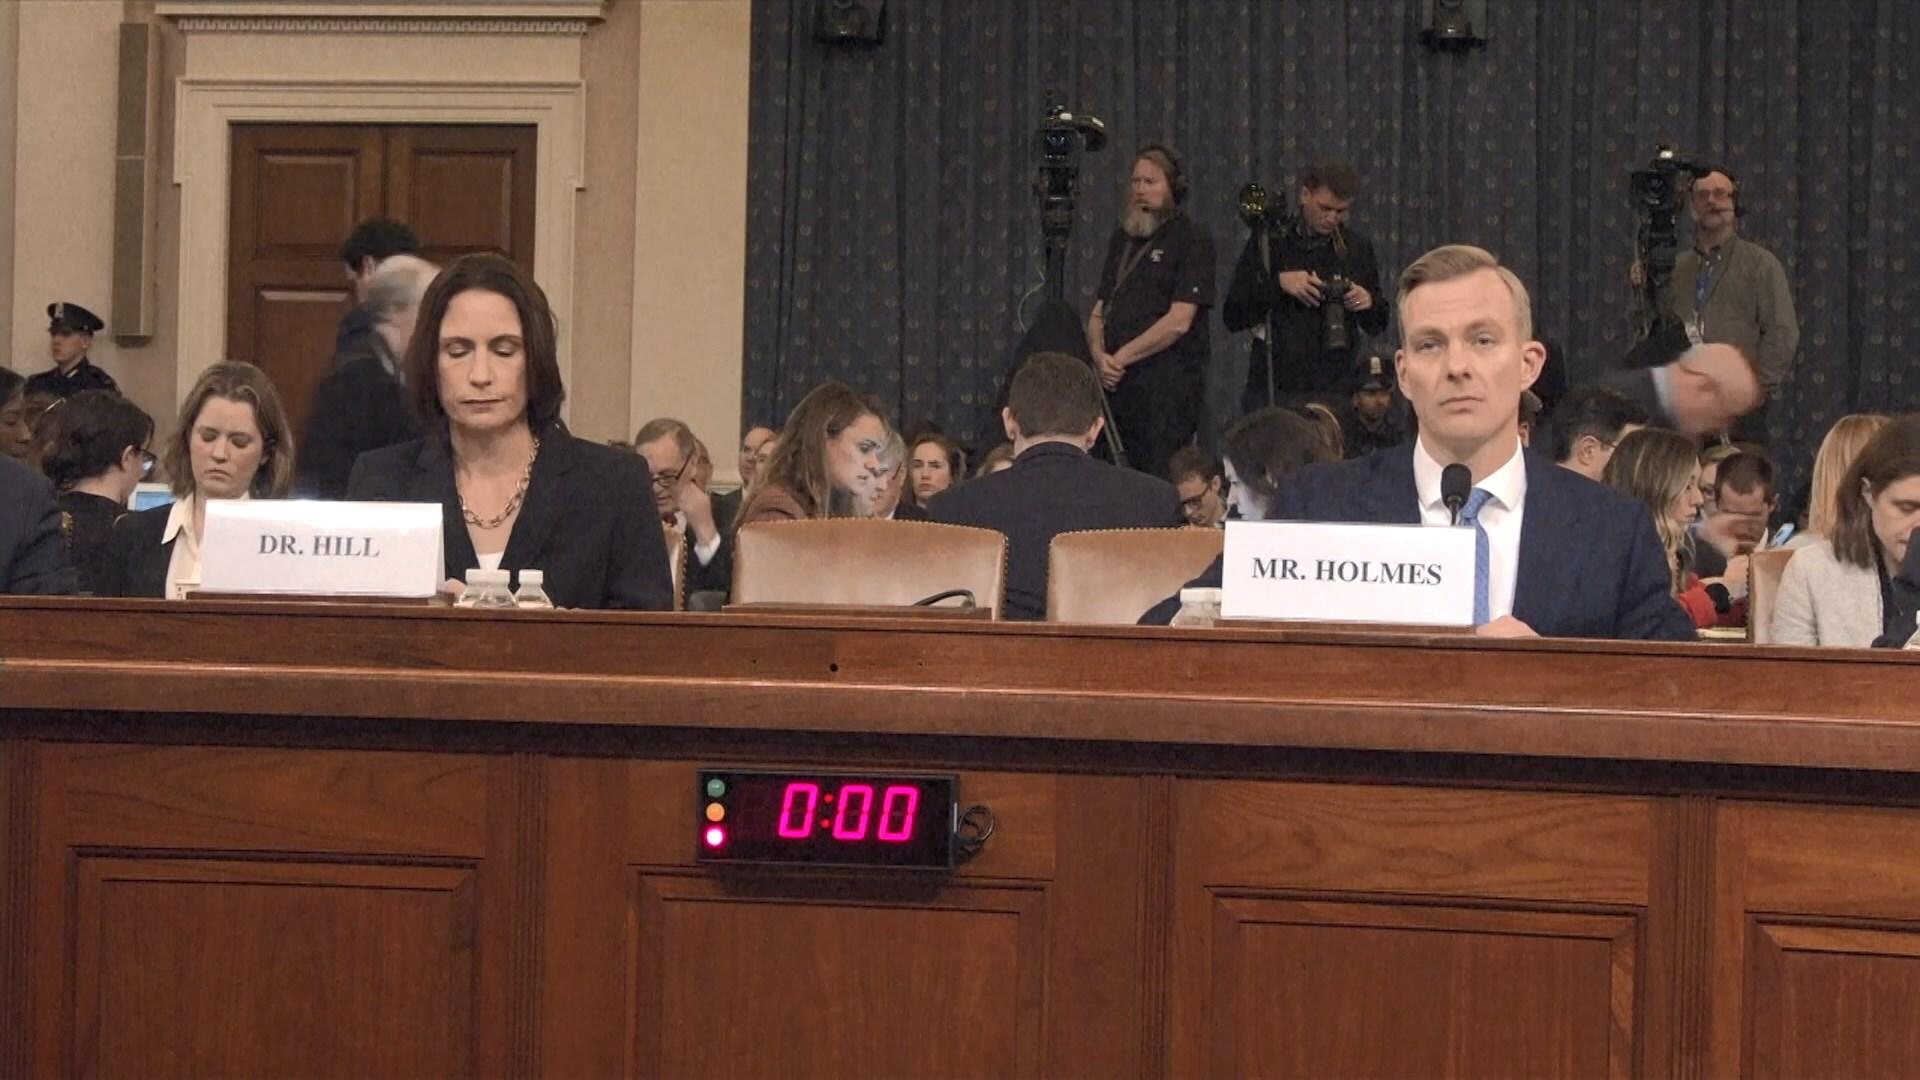 前白宮官員指特朗普與澤連斯基對話令人震驚